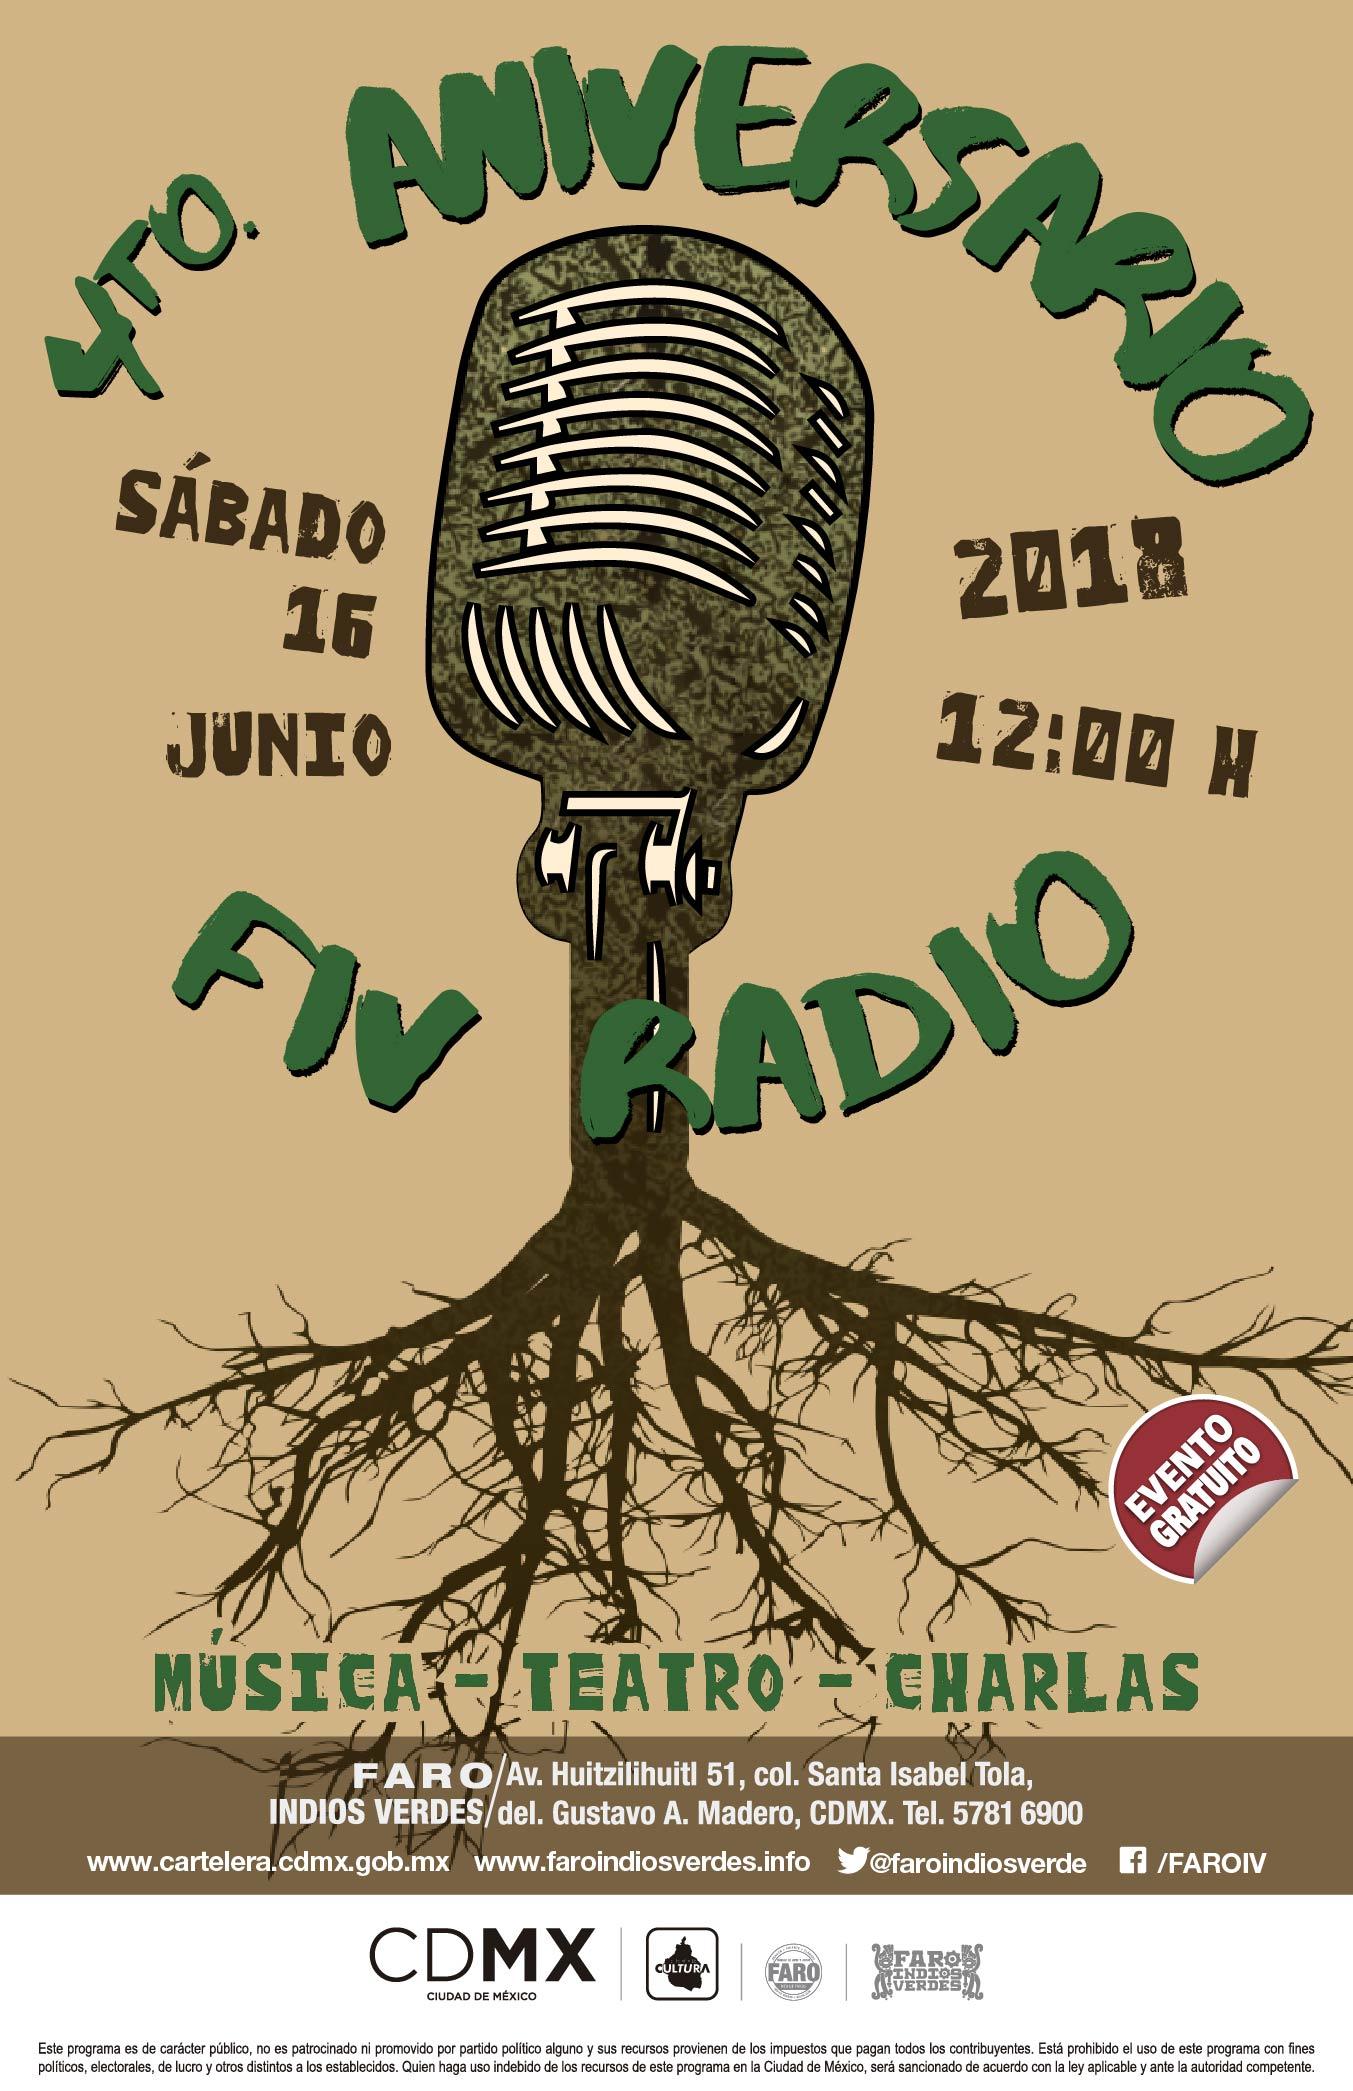 La radio comunitaria de FARO Indios Verdes celebra 4 años de transmisiones